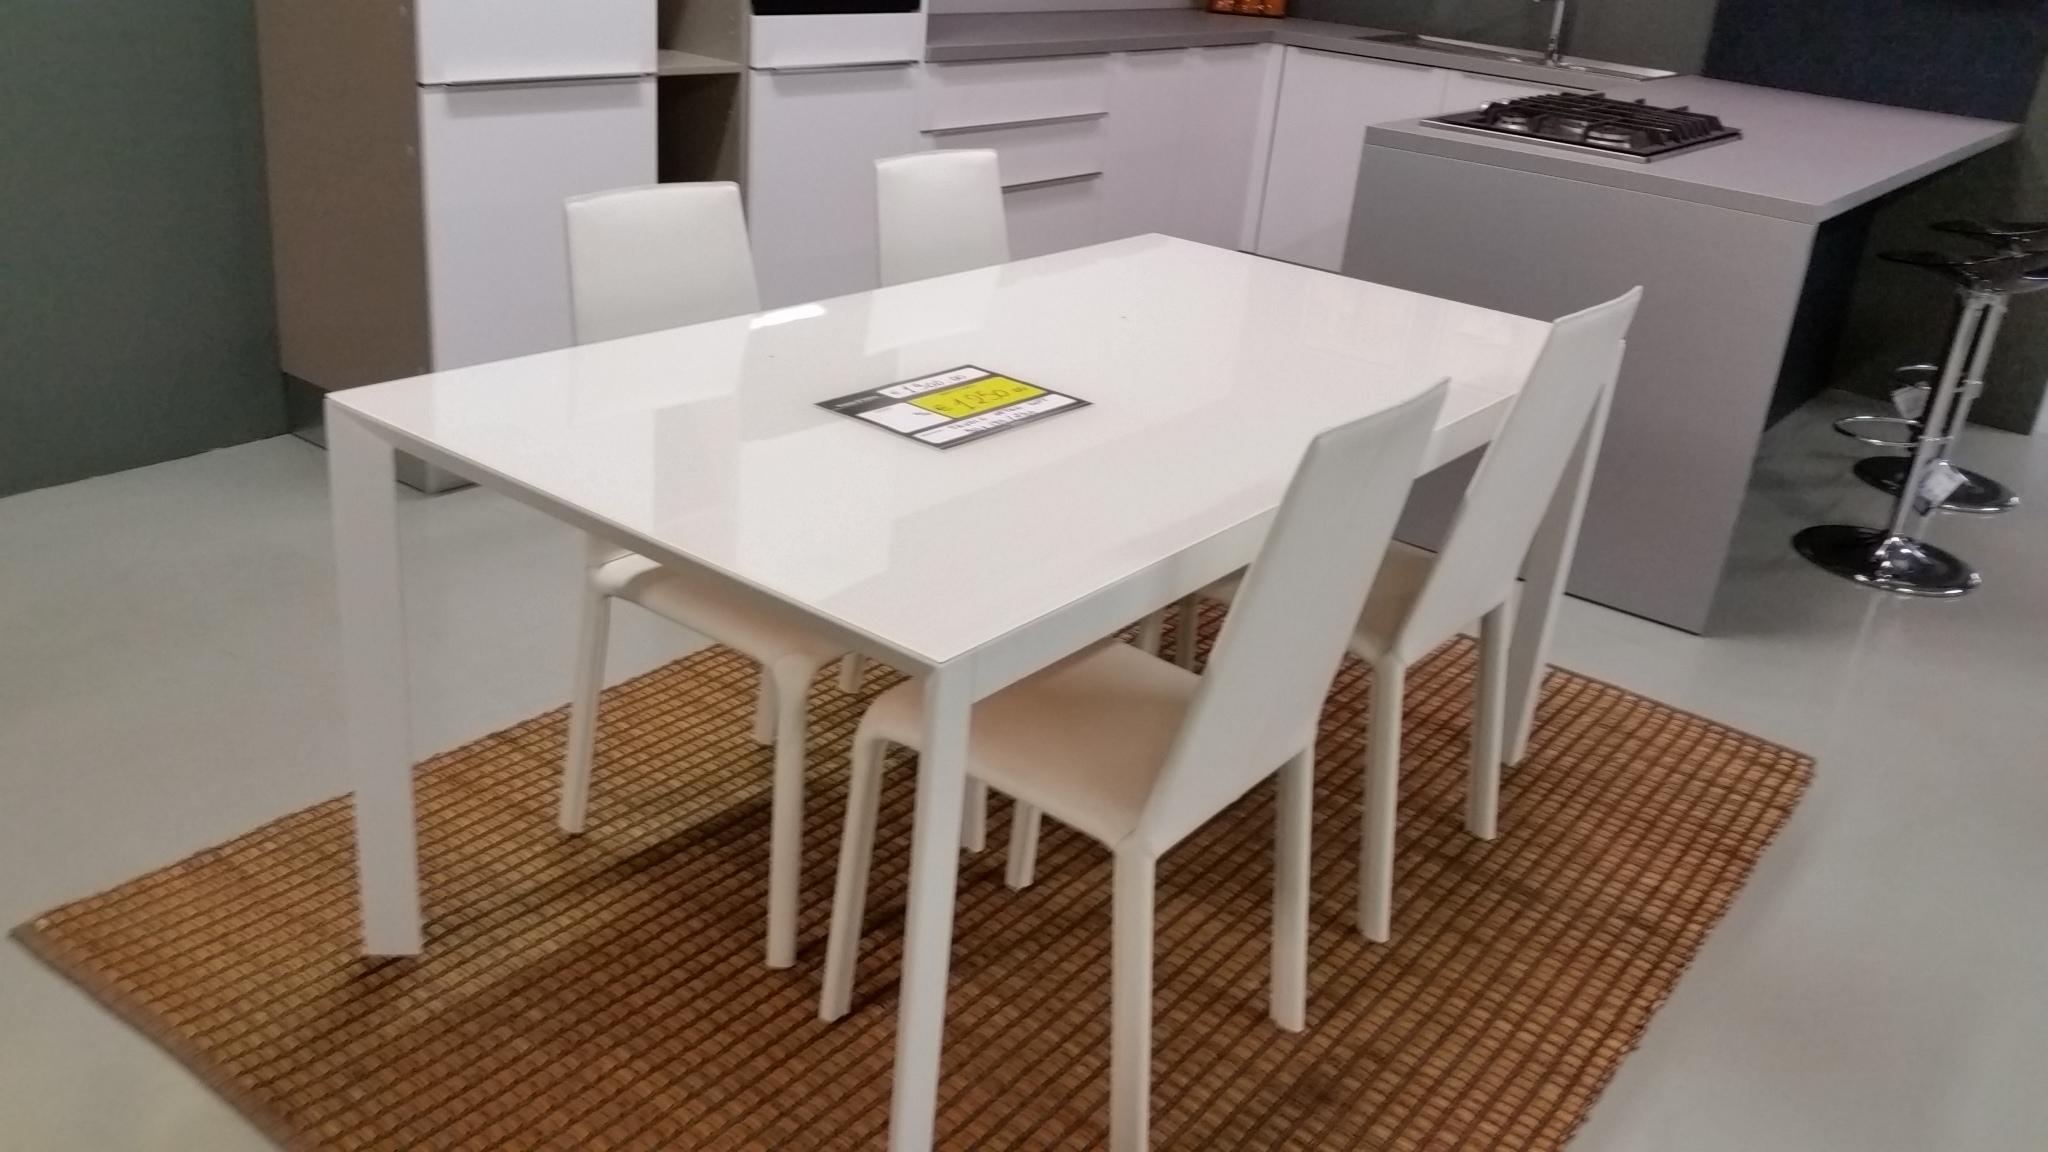 Pianca tavoli mondo convenienza tavoli soggiorno   Showroomdelserramento